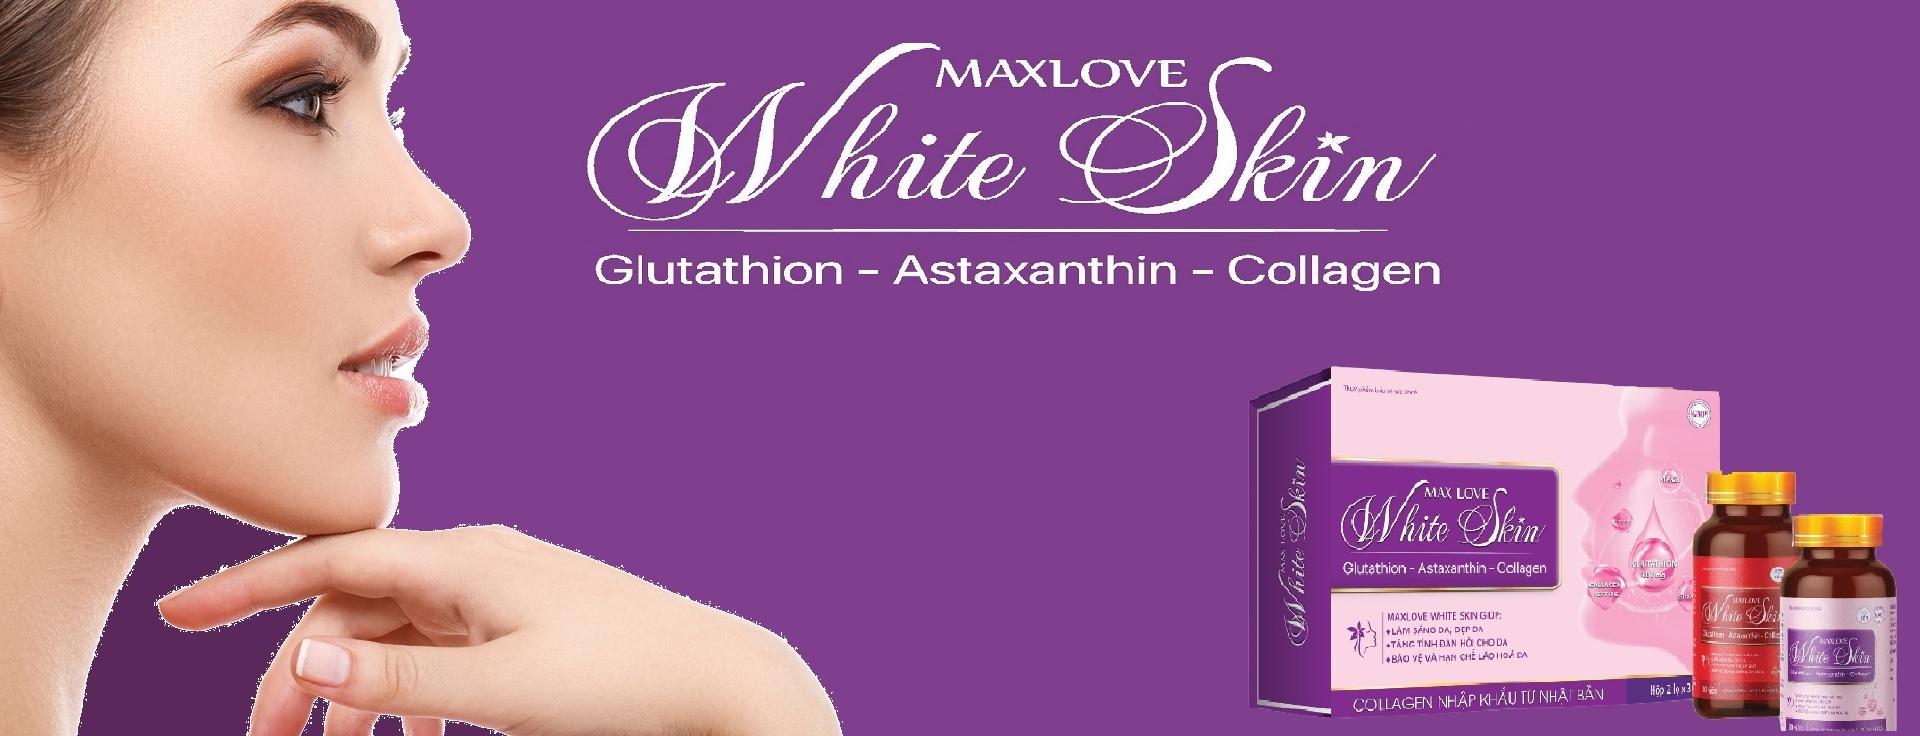 maxlove-white-skin